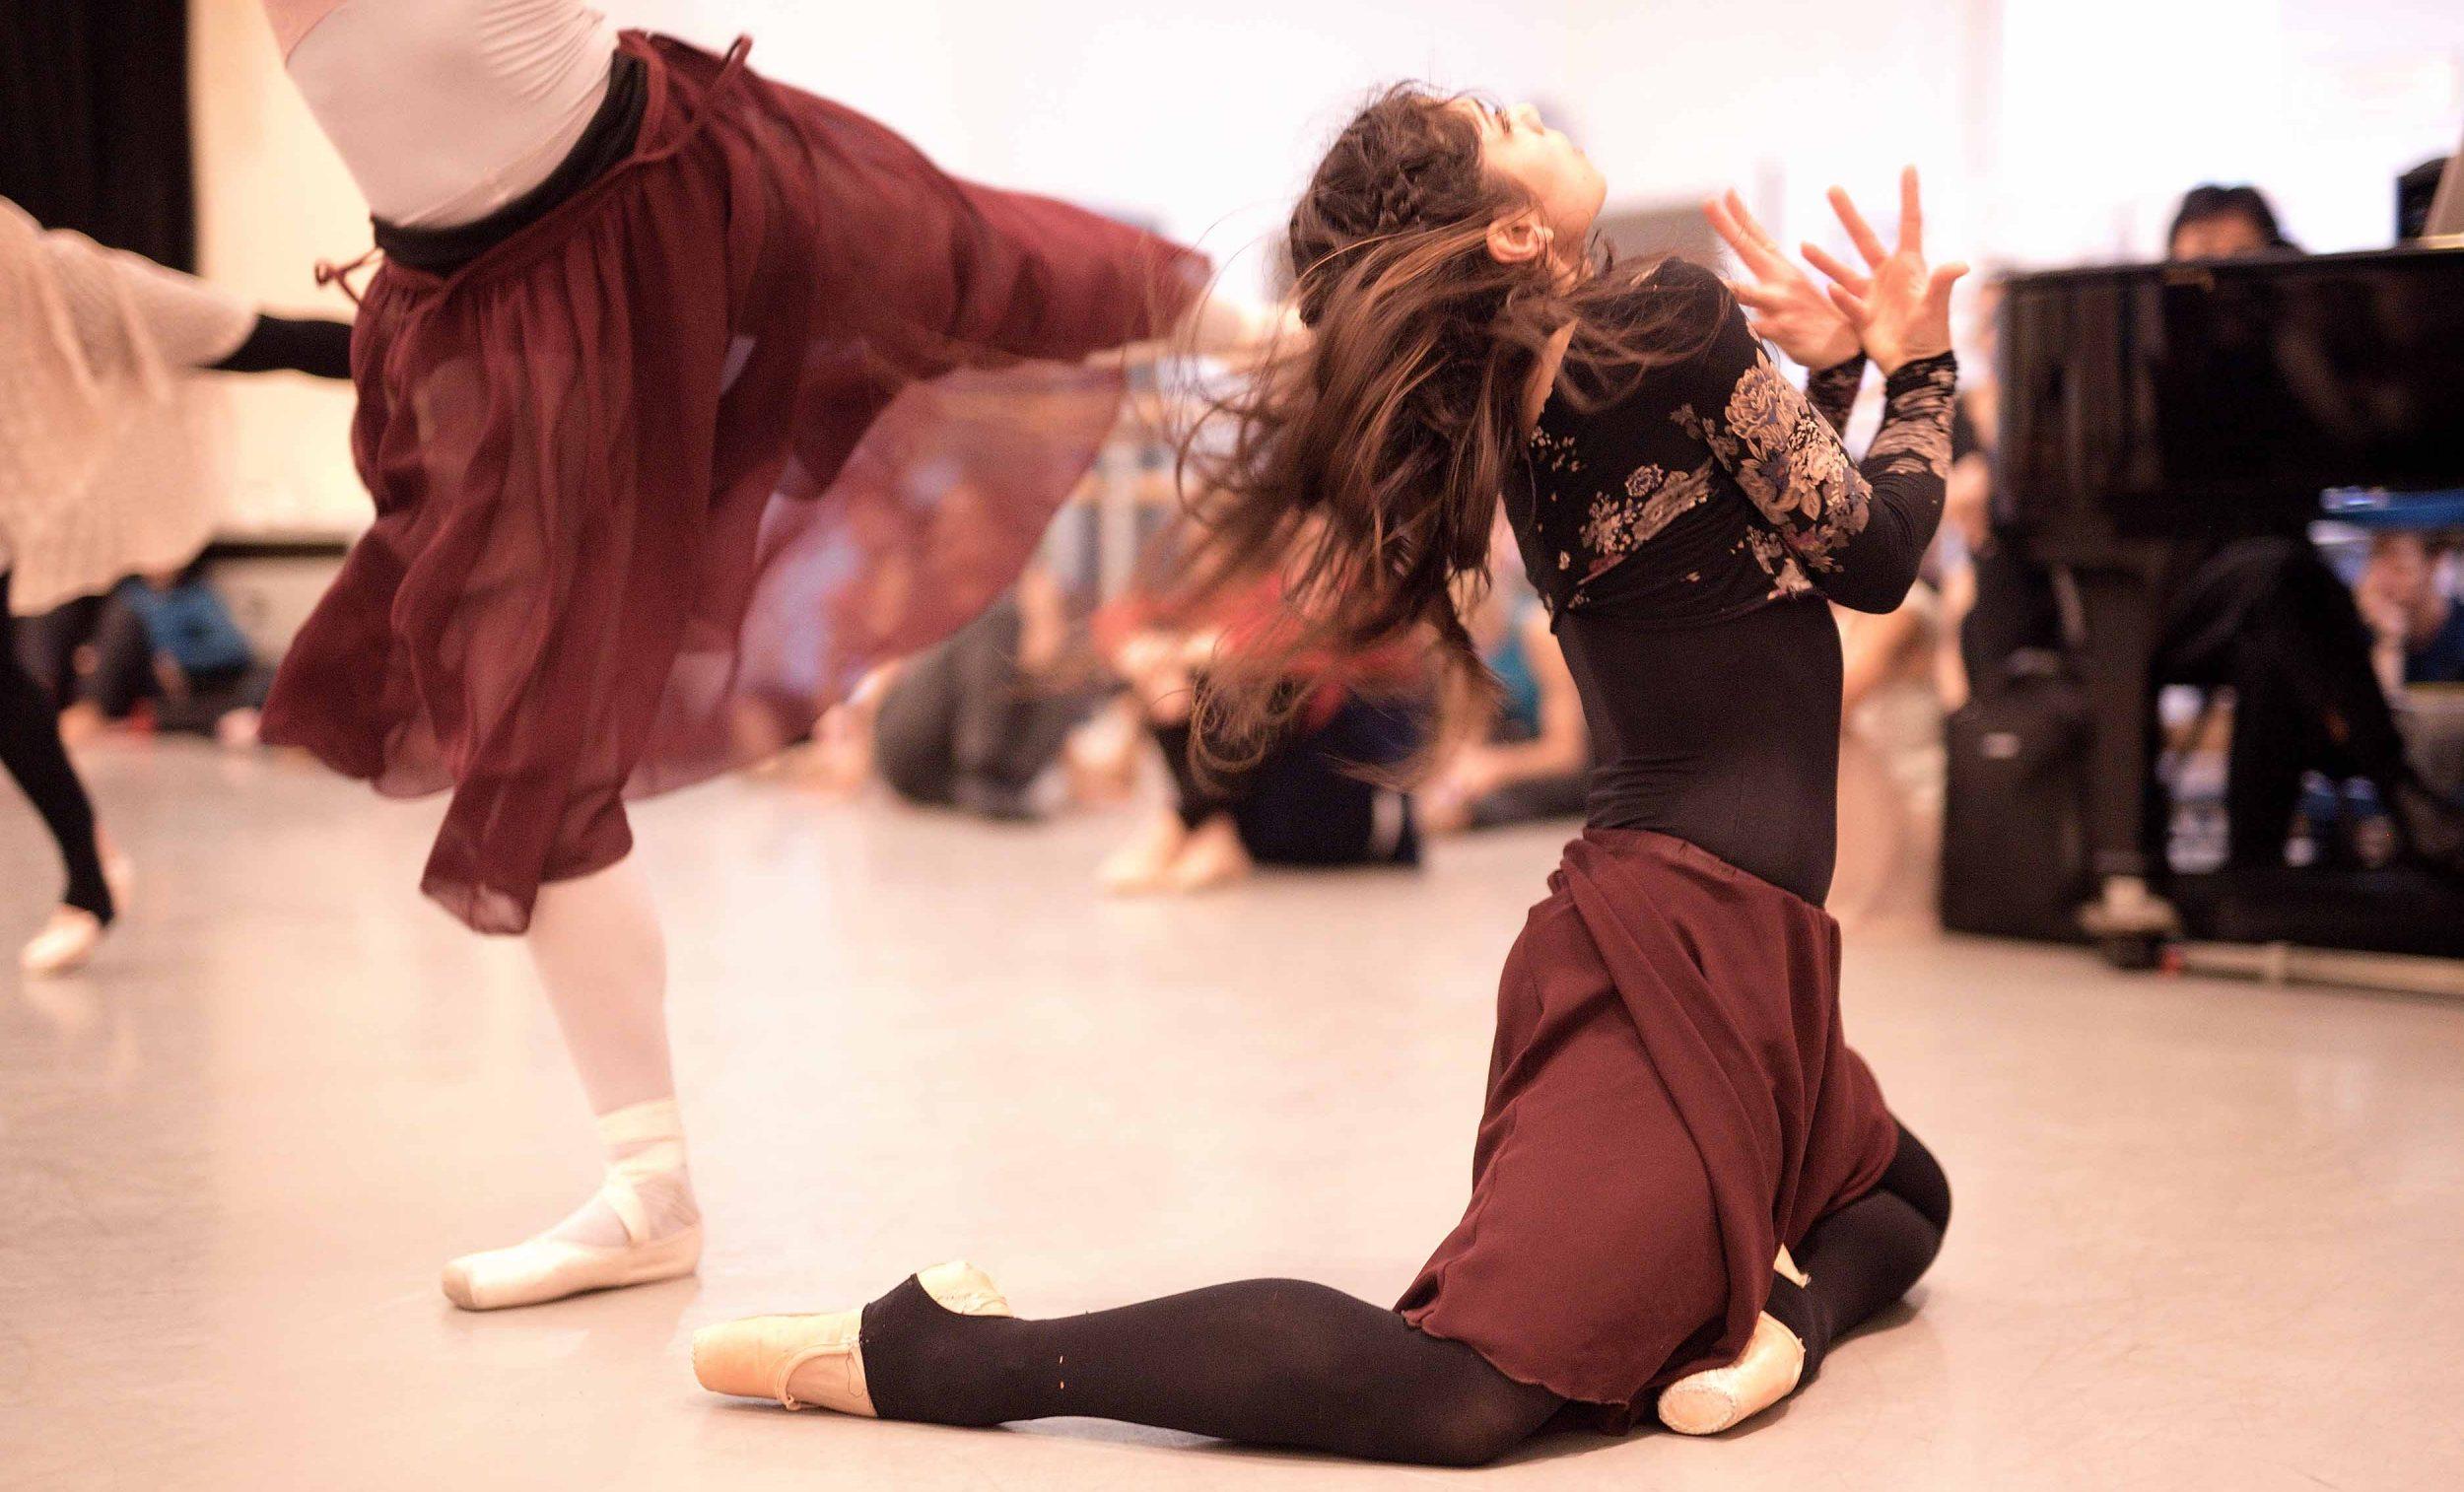 Crystal-Costa-rehearsing-Akram-Khan's-Giselle-©-Laurent-Liotardo-(5)